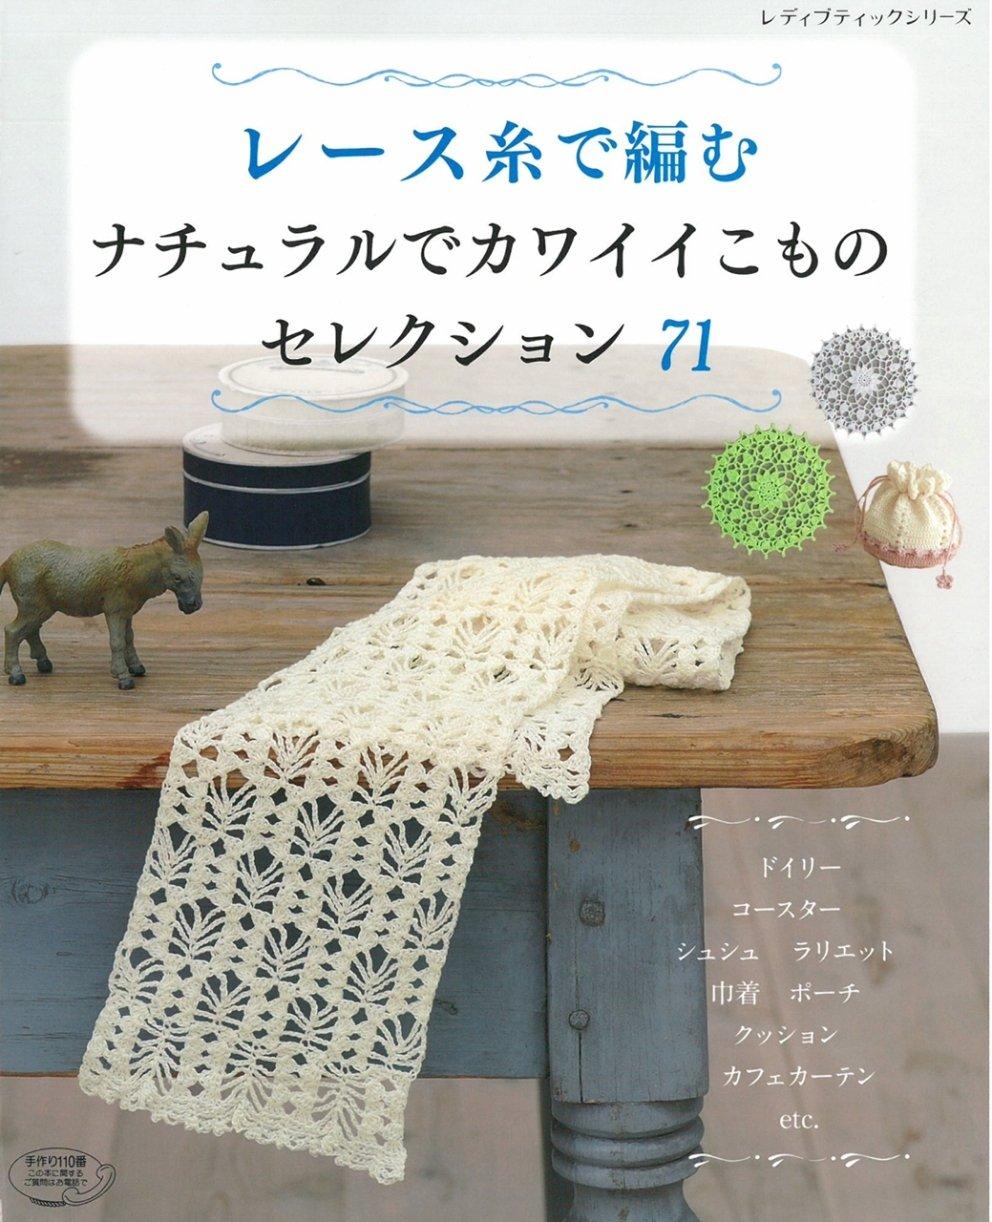 蕾絲編織自然風格可愛小物作品71款